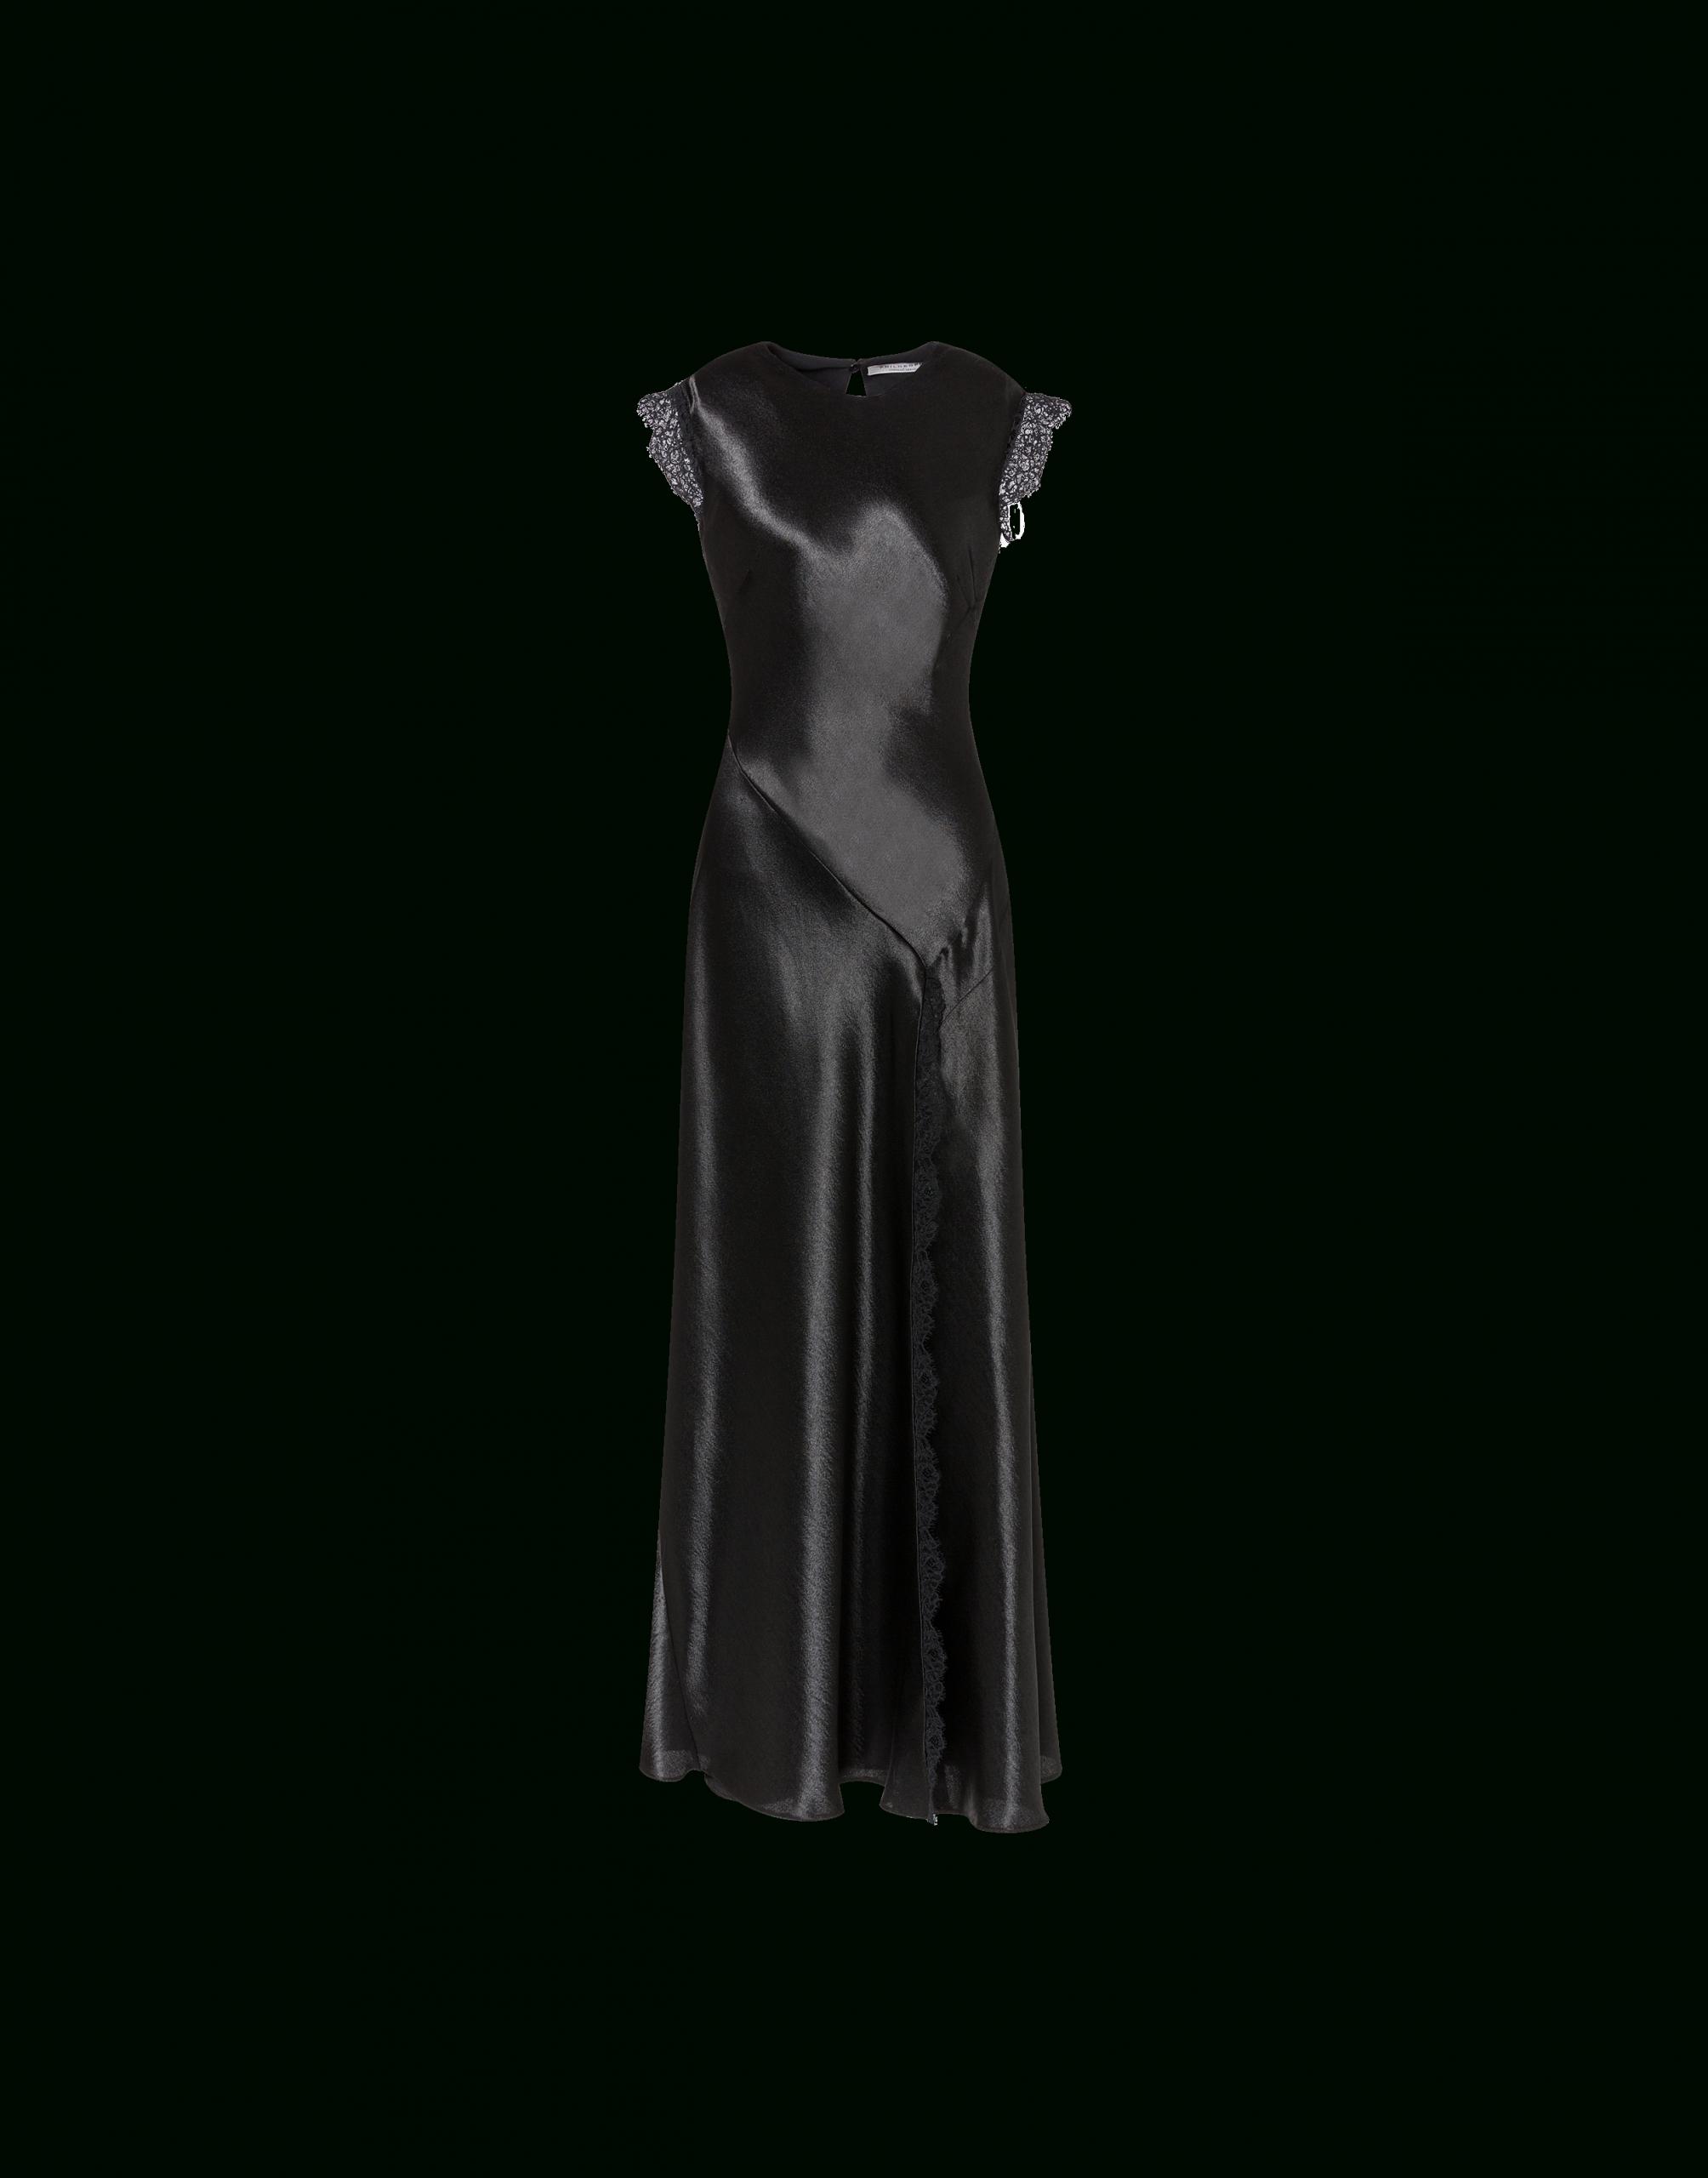 10 Genial Abendkleid Xxs Design Coolste Abendkleid Xxs Ärmel